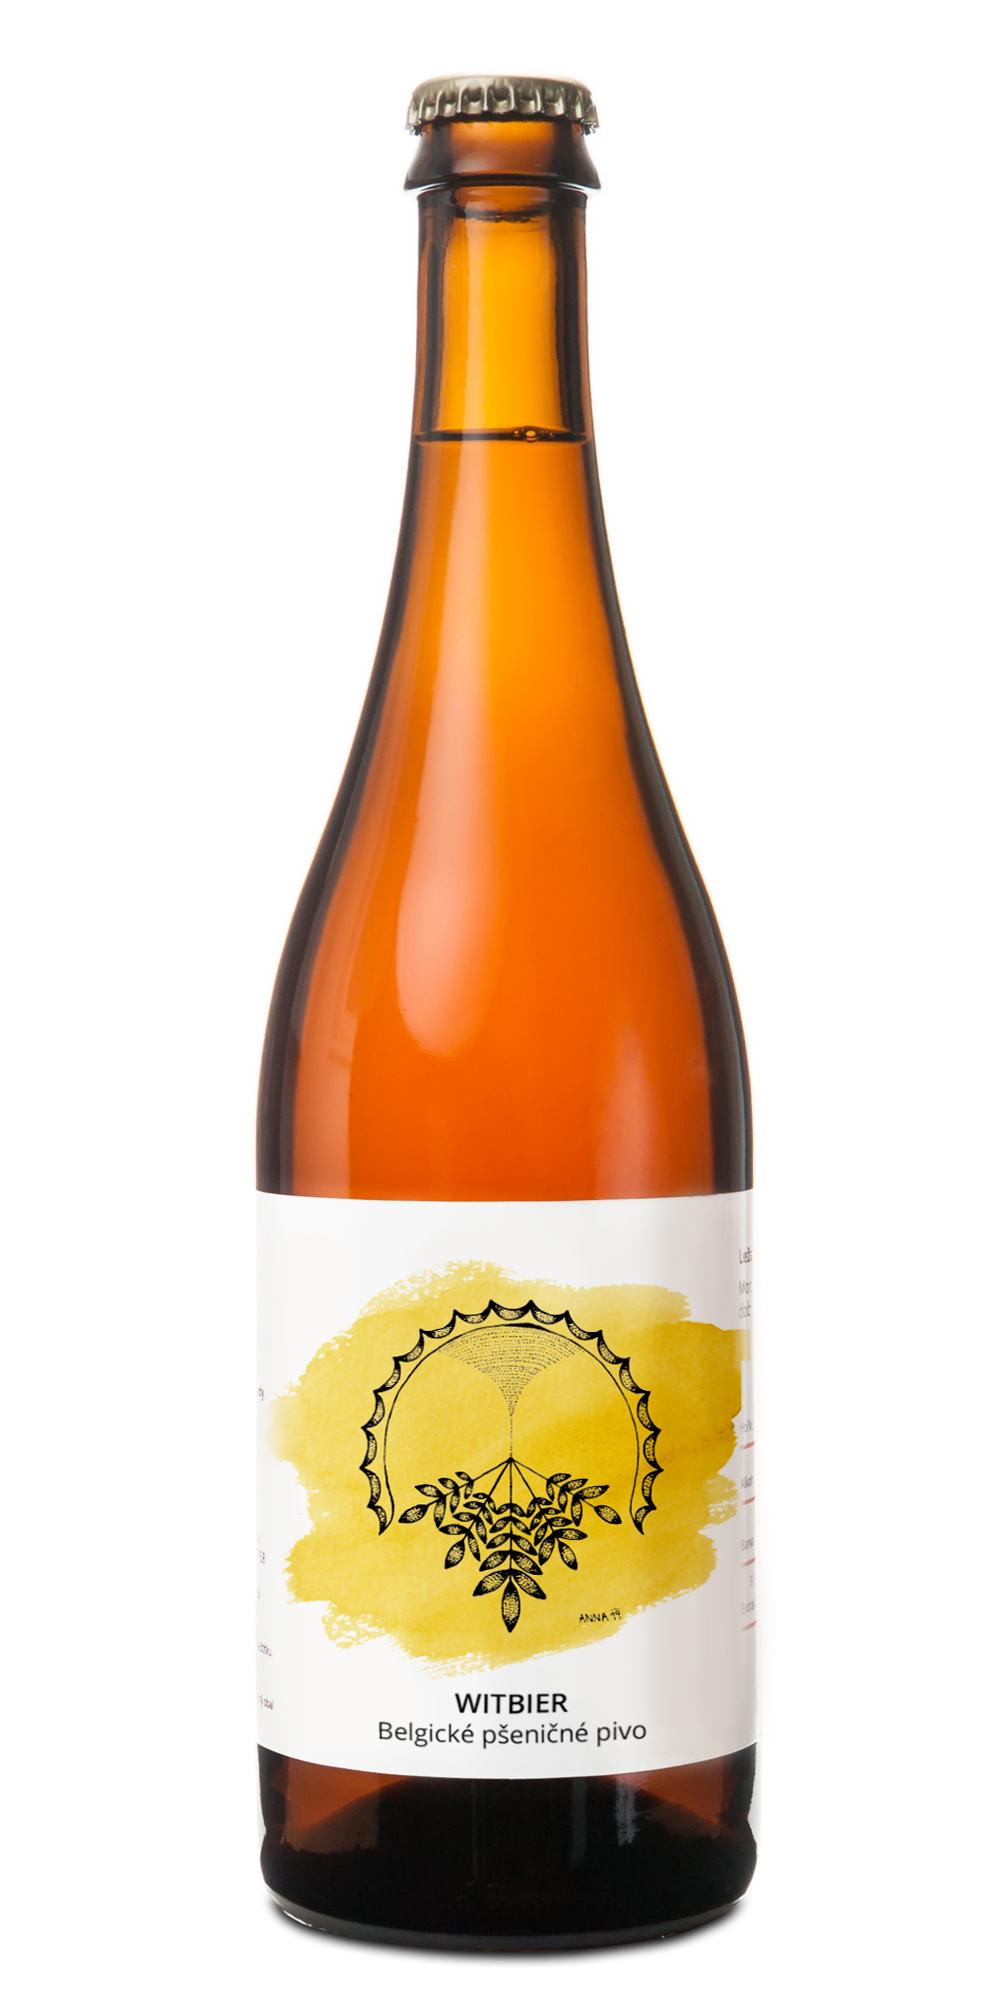 Witbier pivovar pivečka lahev